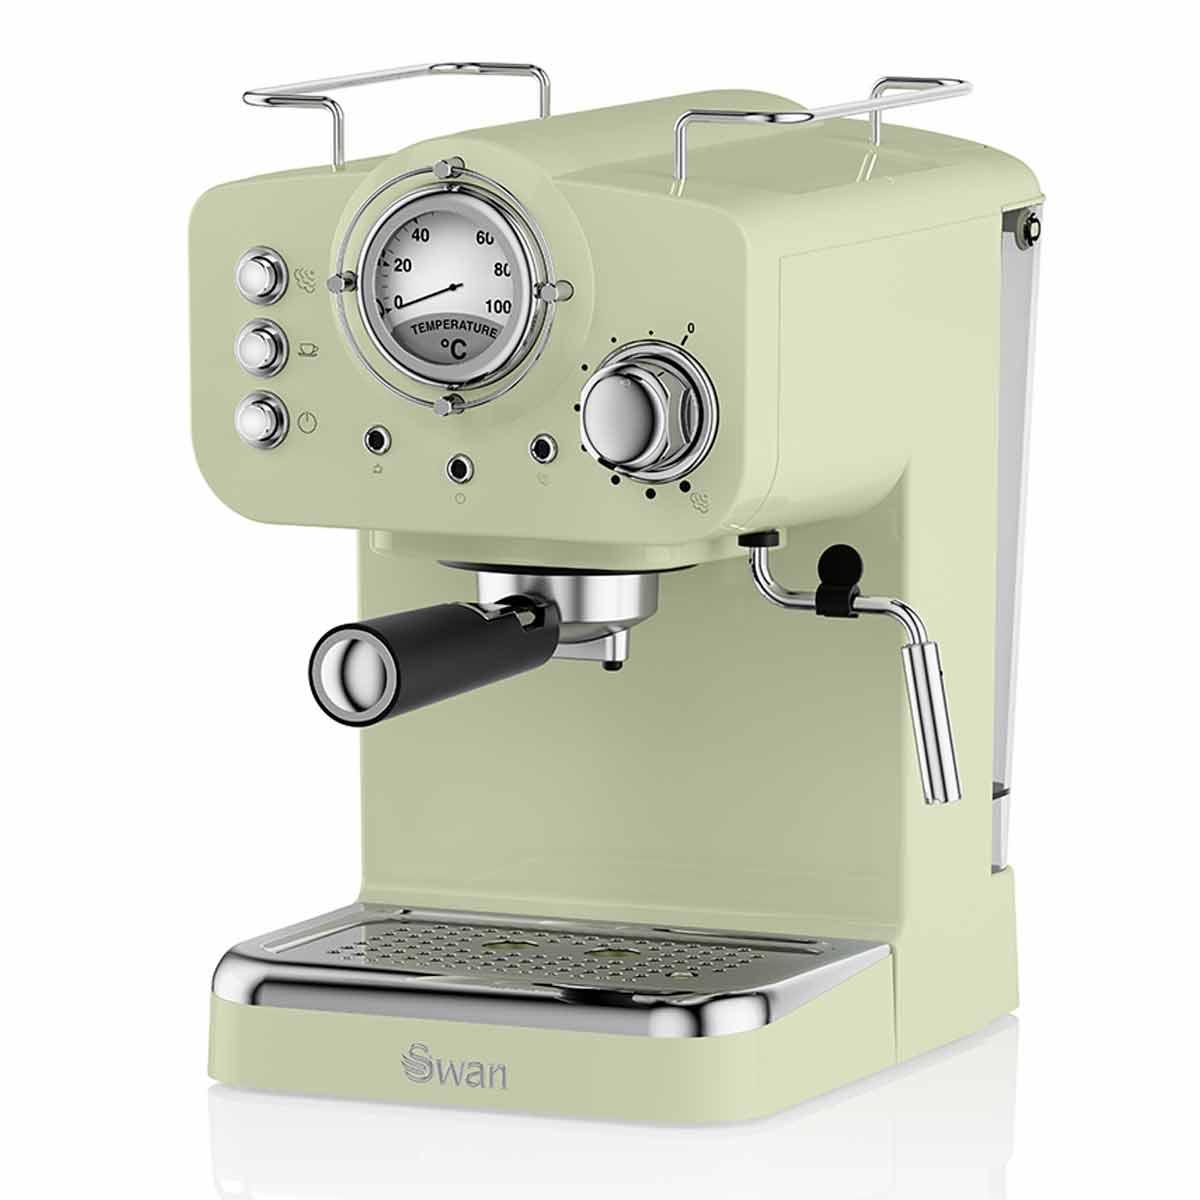 Swan Retro Espresso Coffee Machine, Green